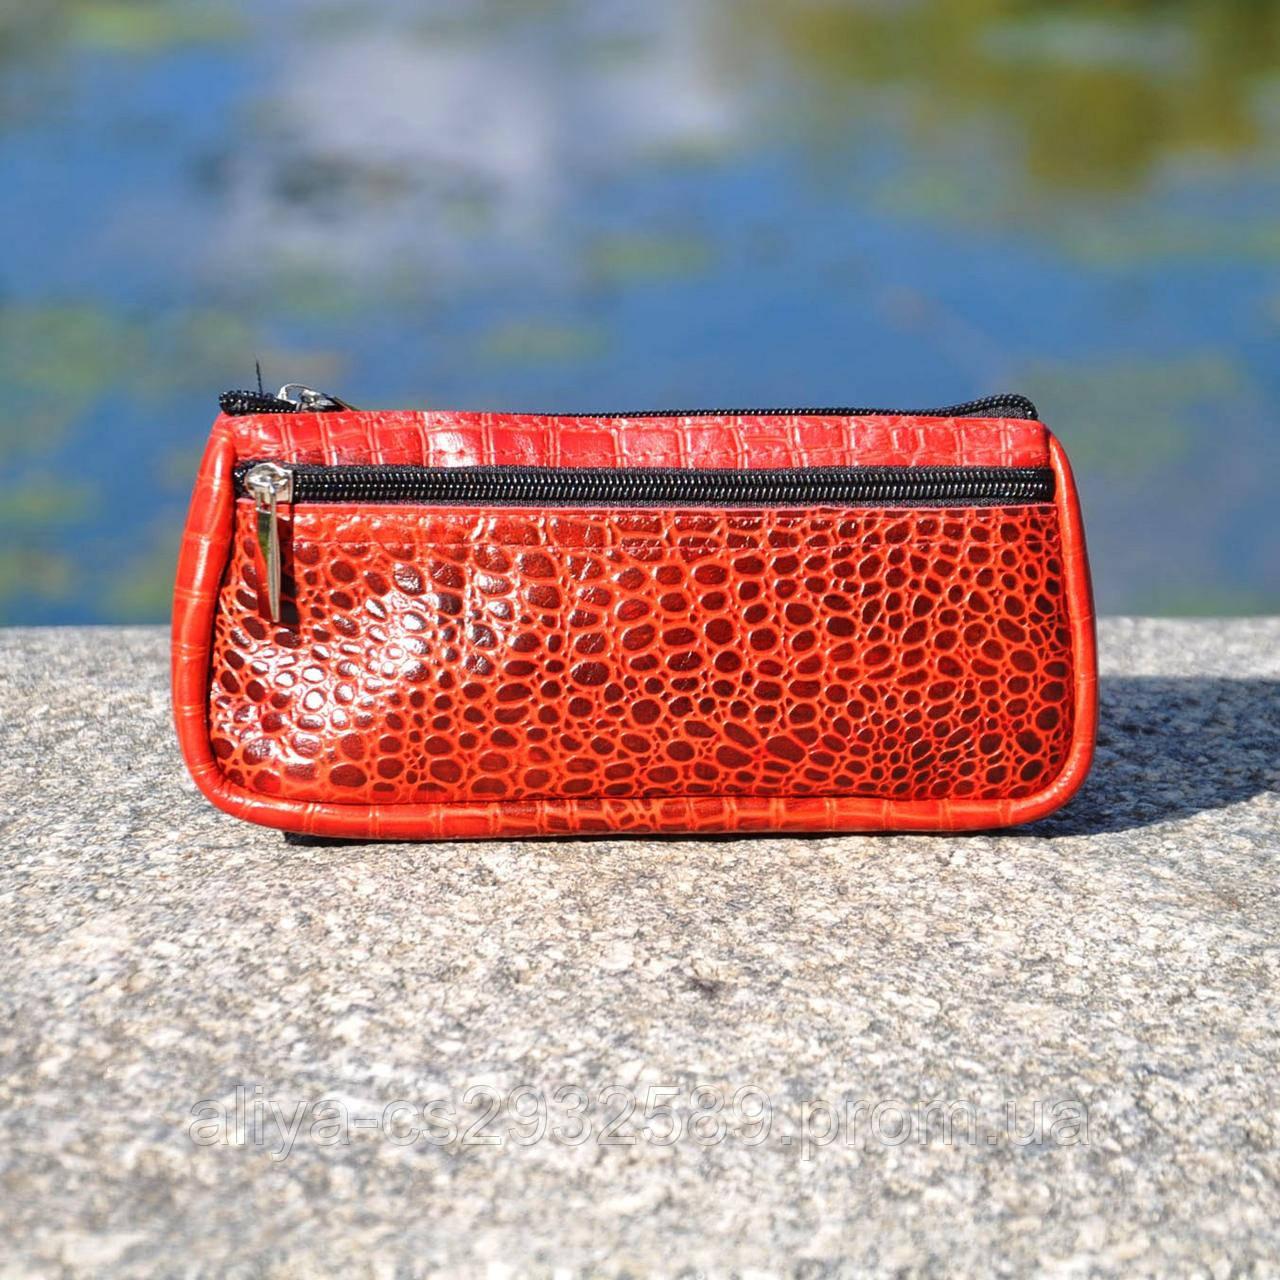 Кожаная косметичка Токио крокодиловая красная